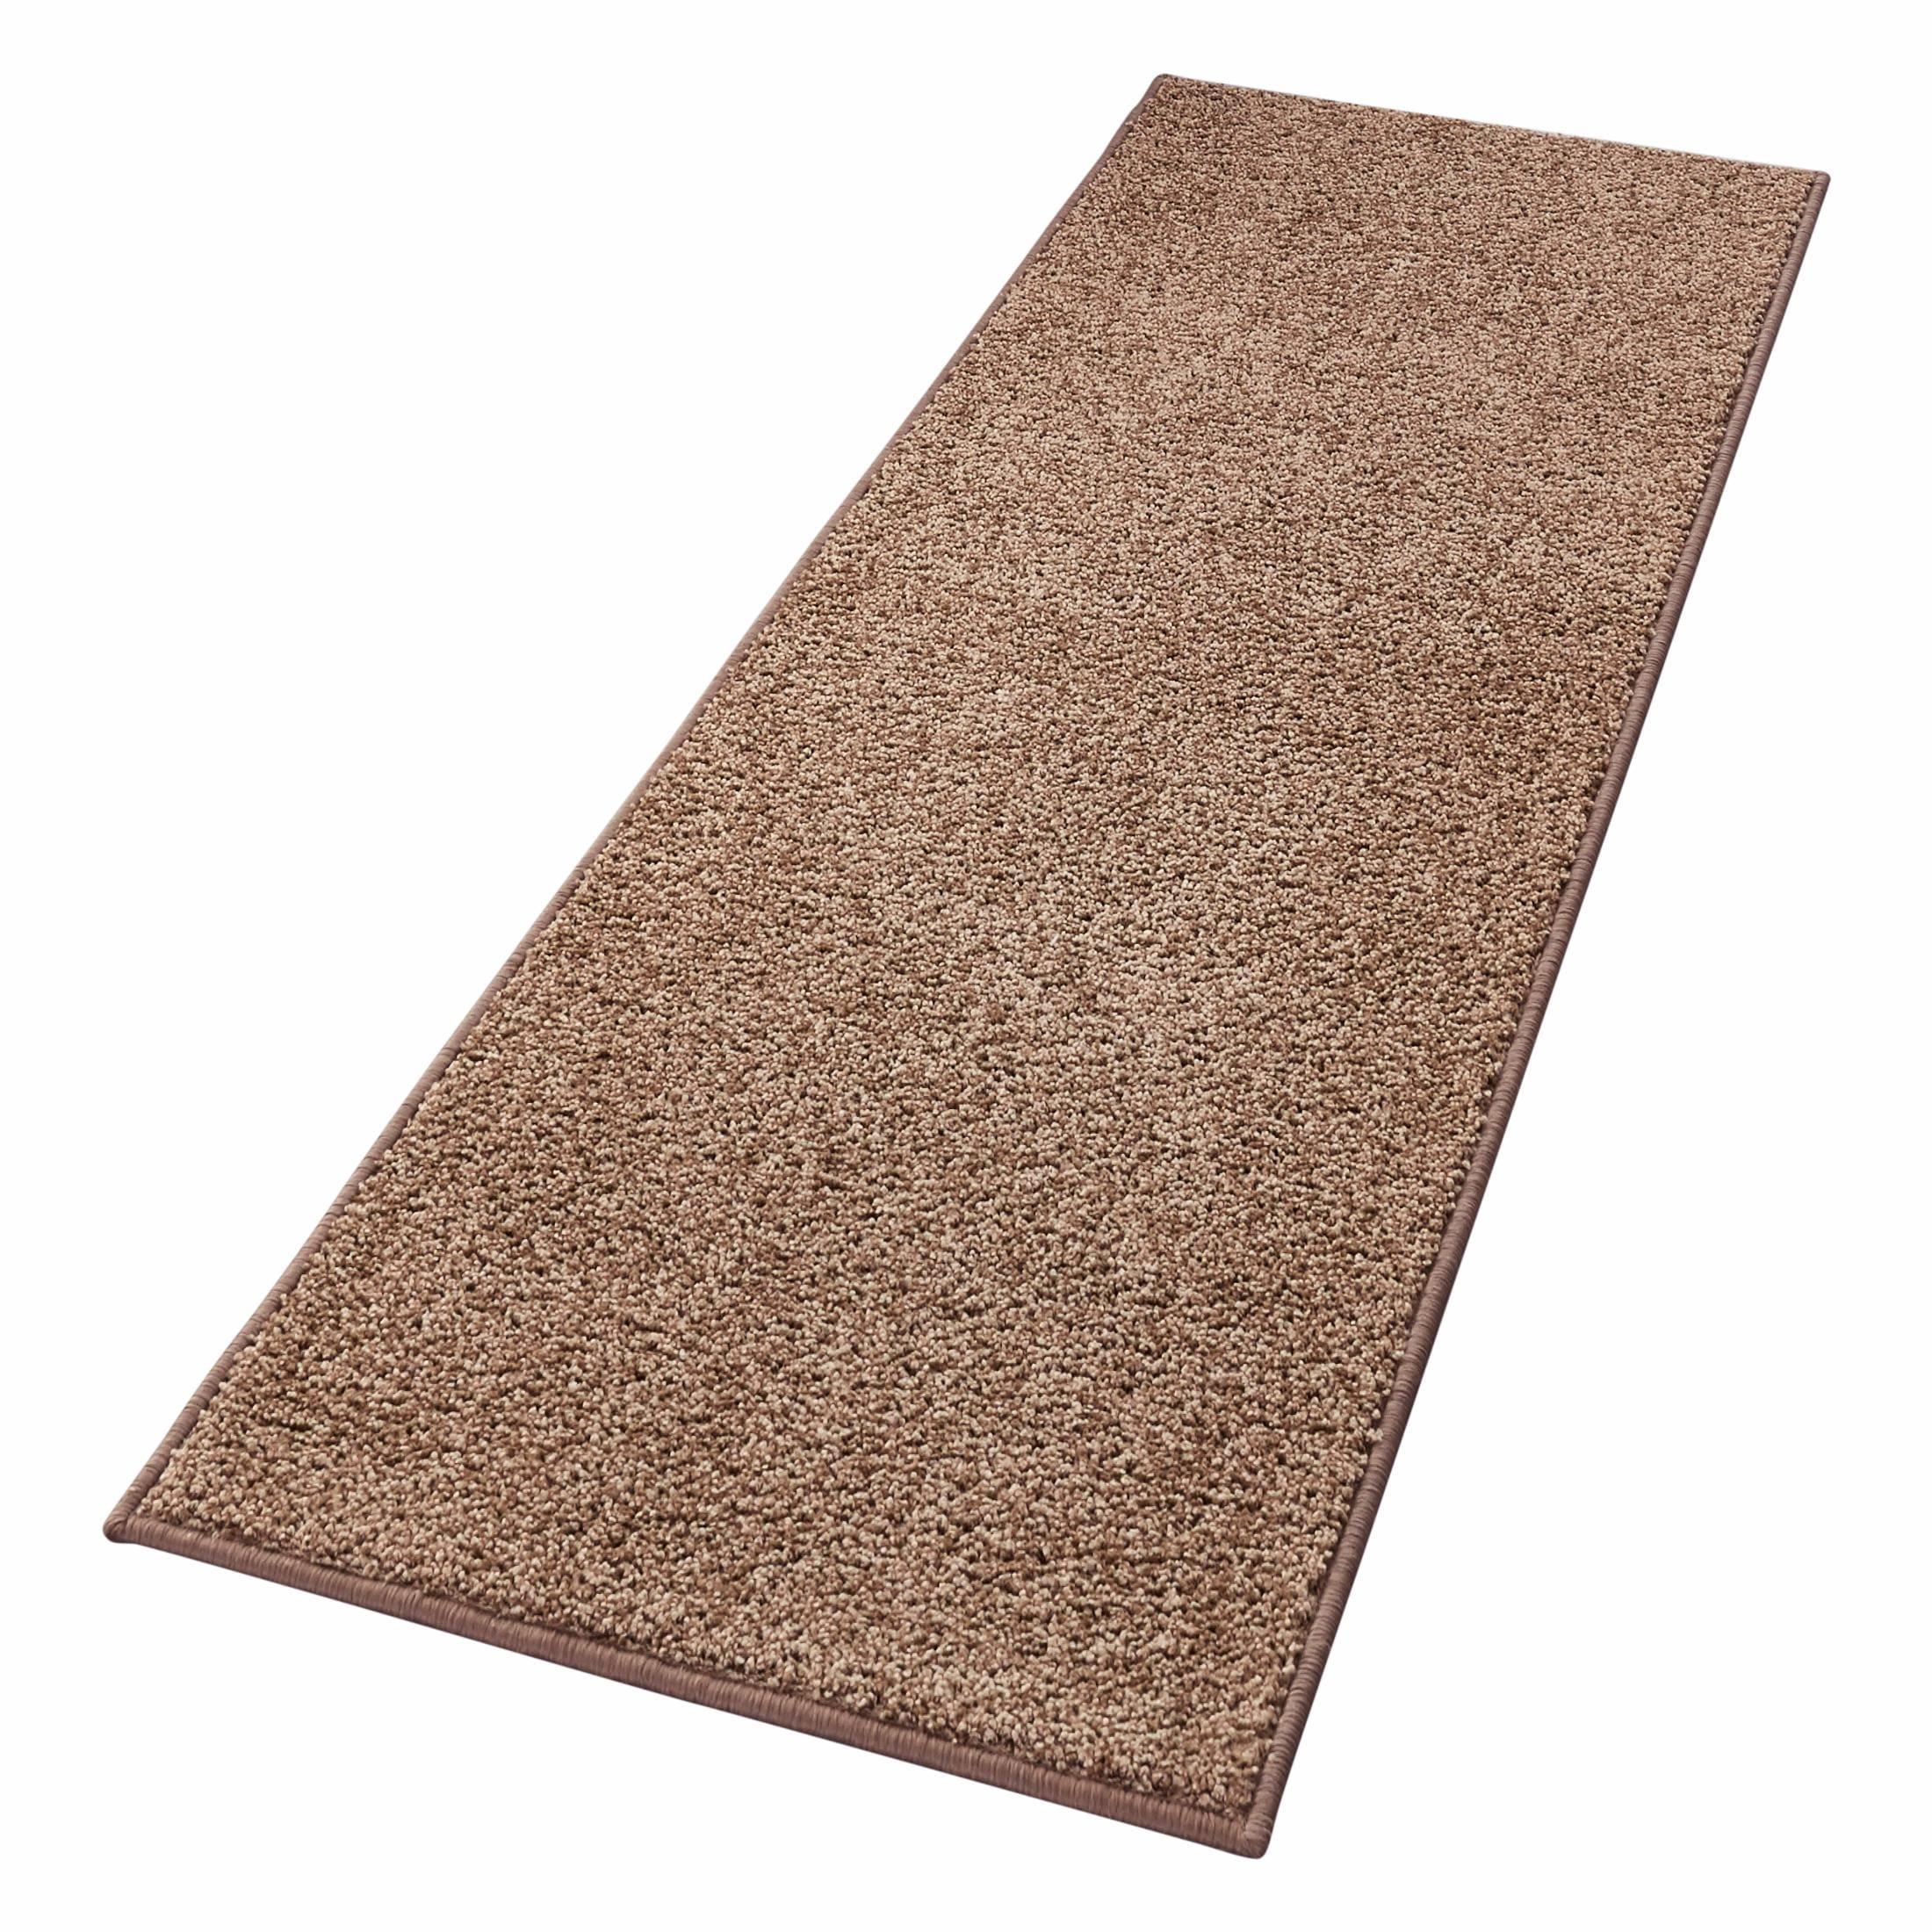 Teppich Pure 100 HANSE Home rechteckig Höhe 13 mm maschinell getuftet